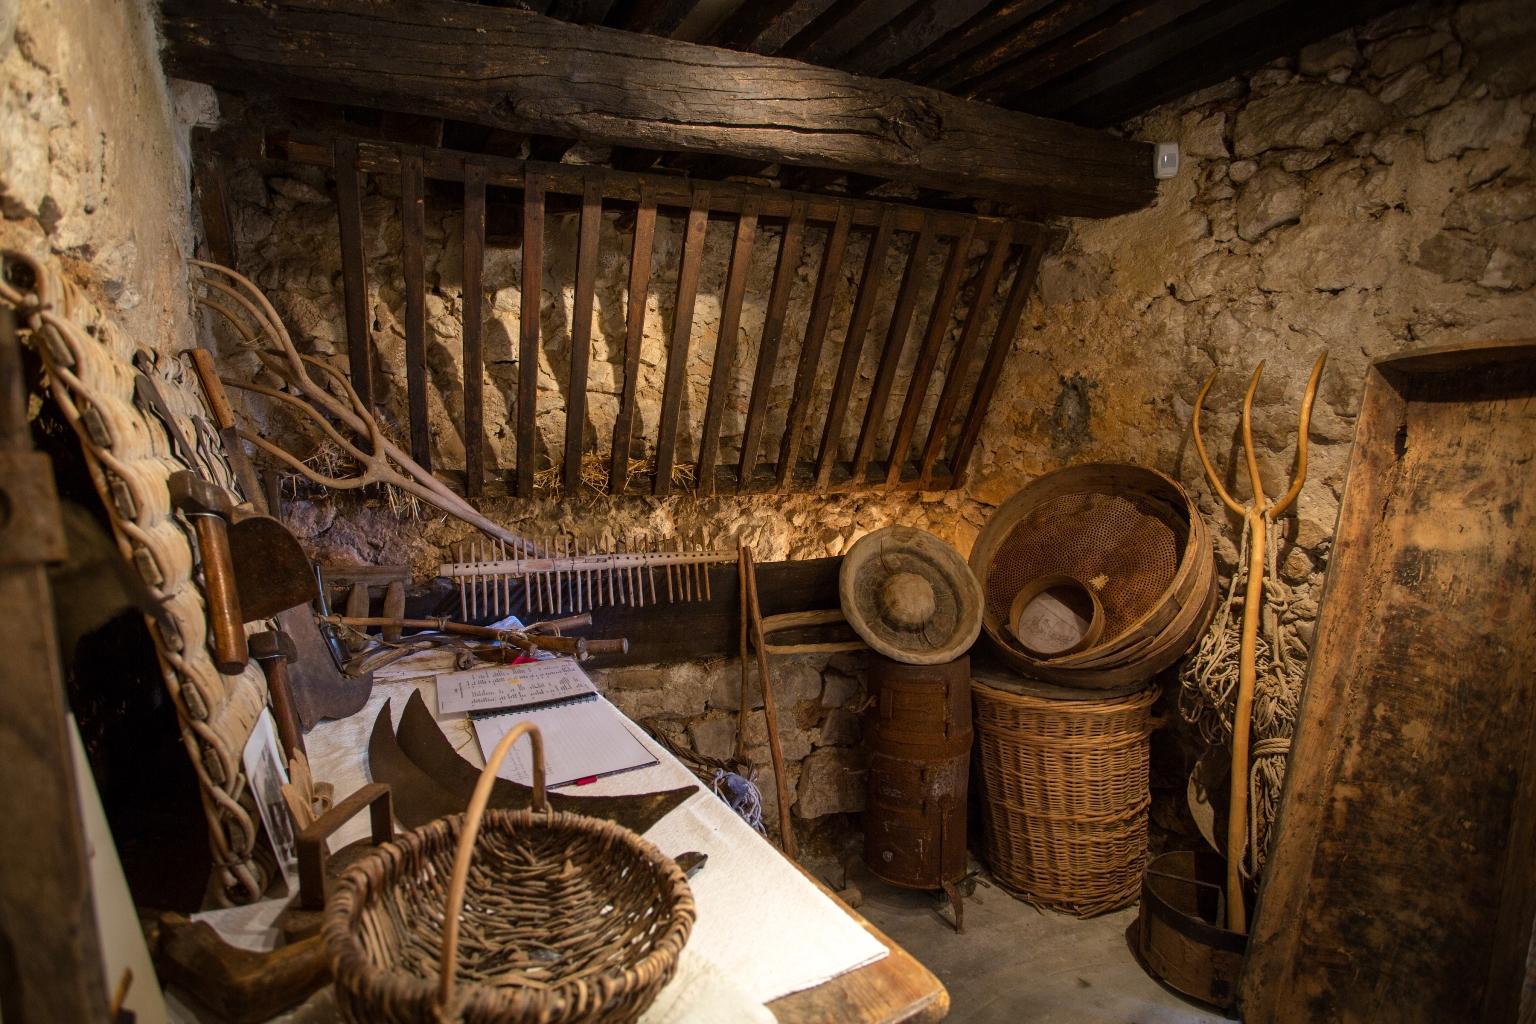 Musée maison monsoise